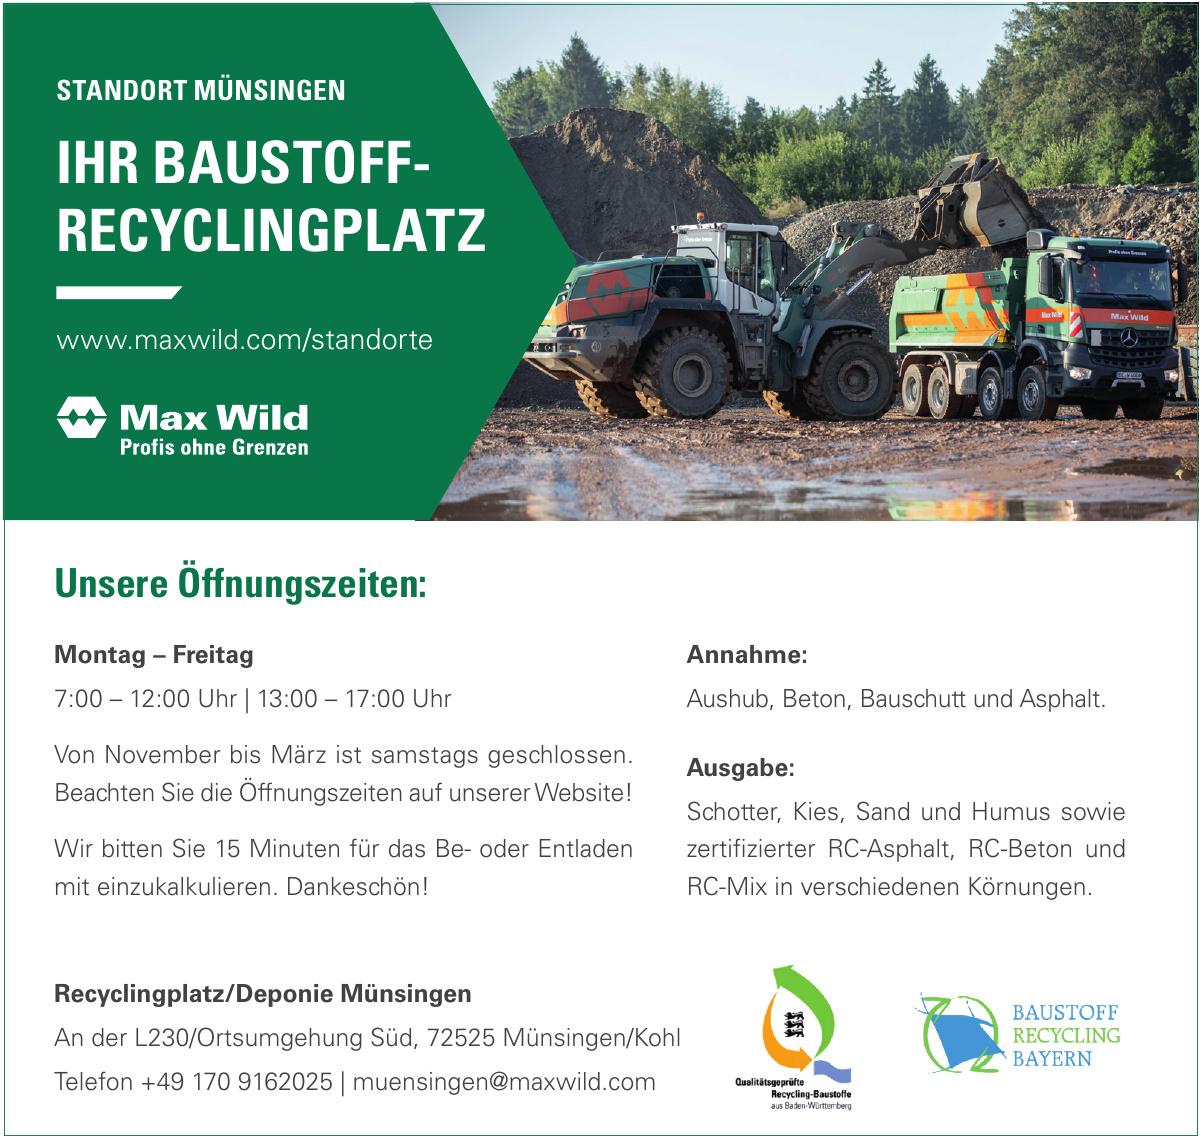 Recyclingplatz/Deponie Münsingen